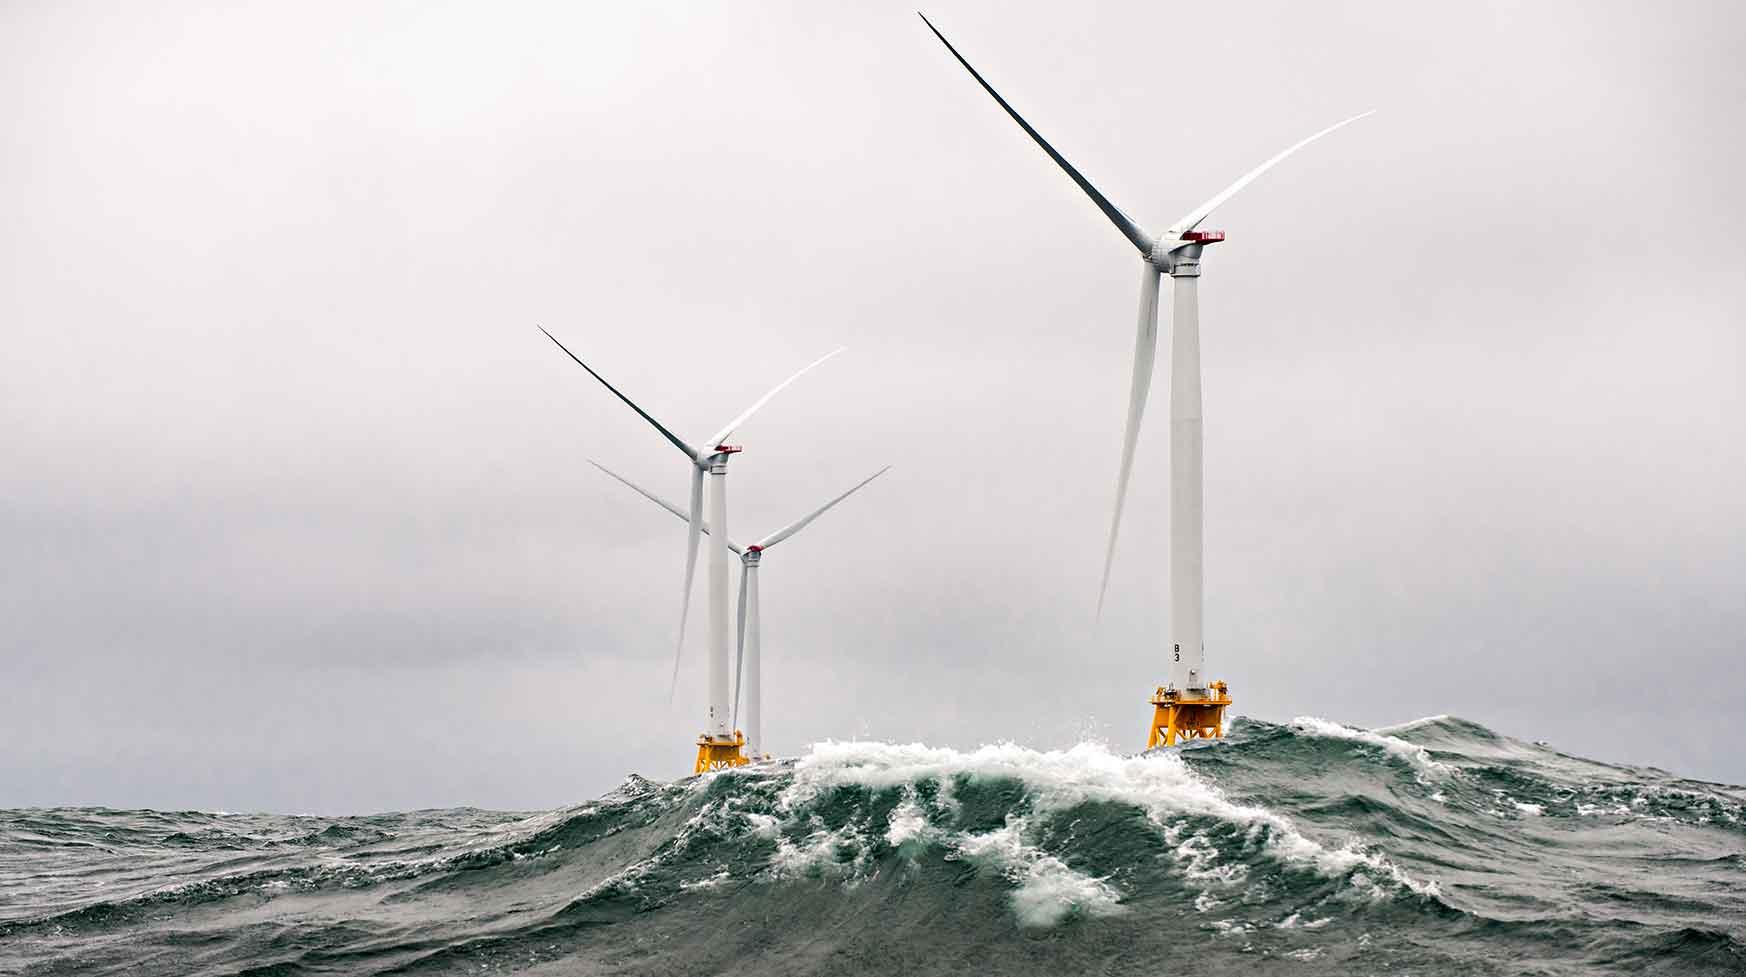 America's Wind Energy Future Looks Seaward